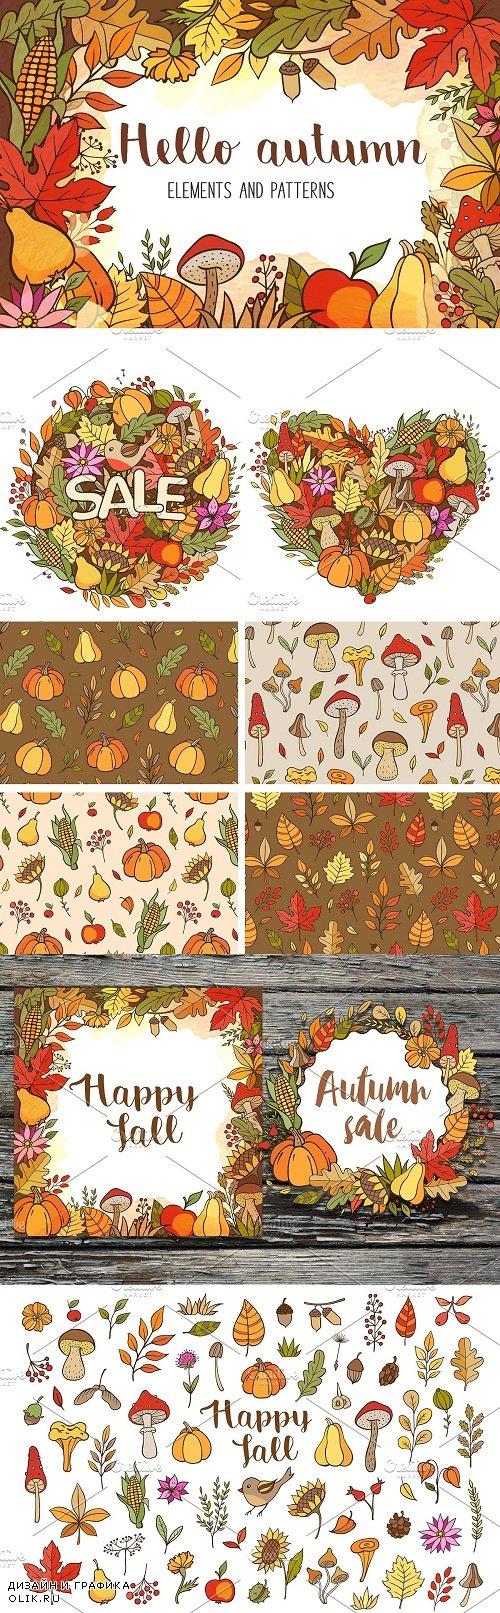 Doodle Autumn Design Kit - 4188851